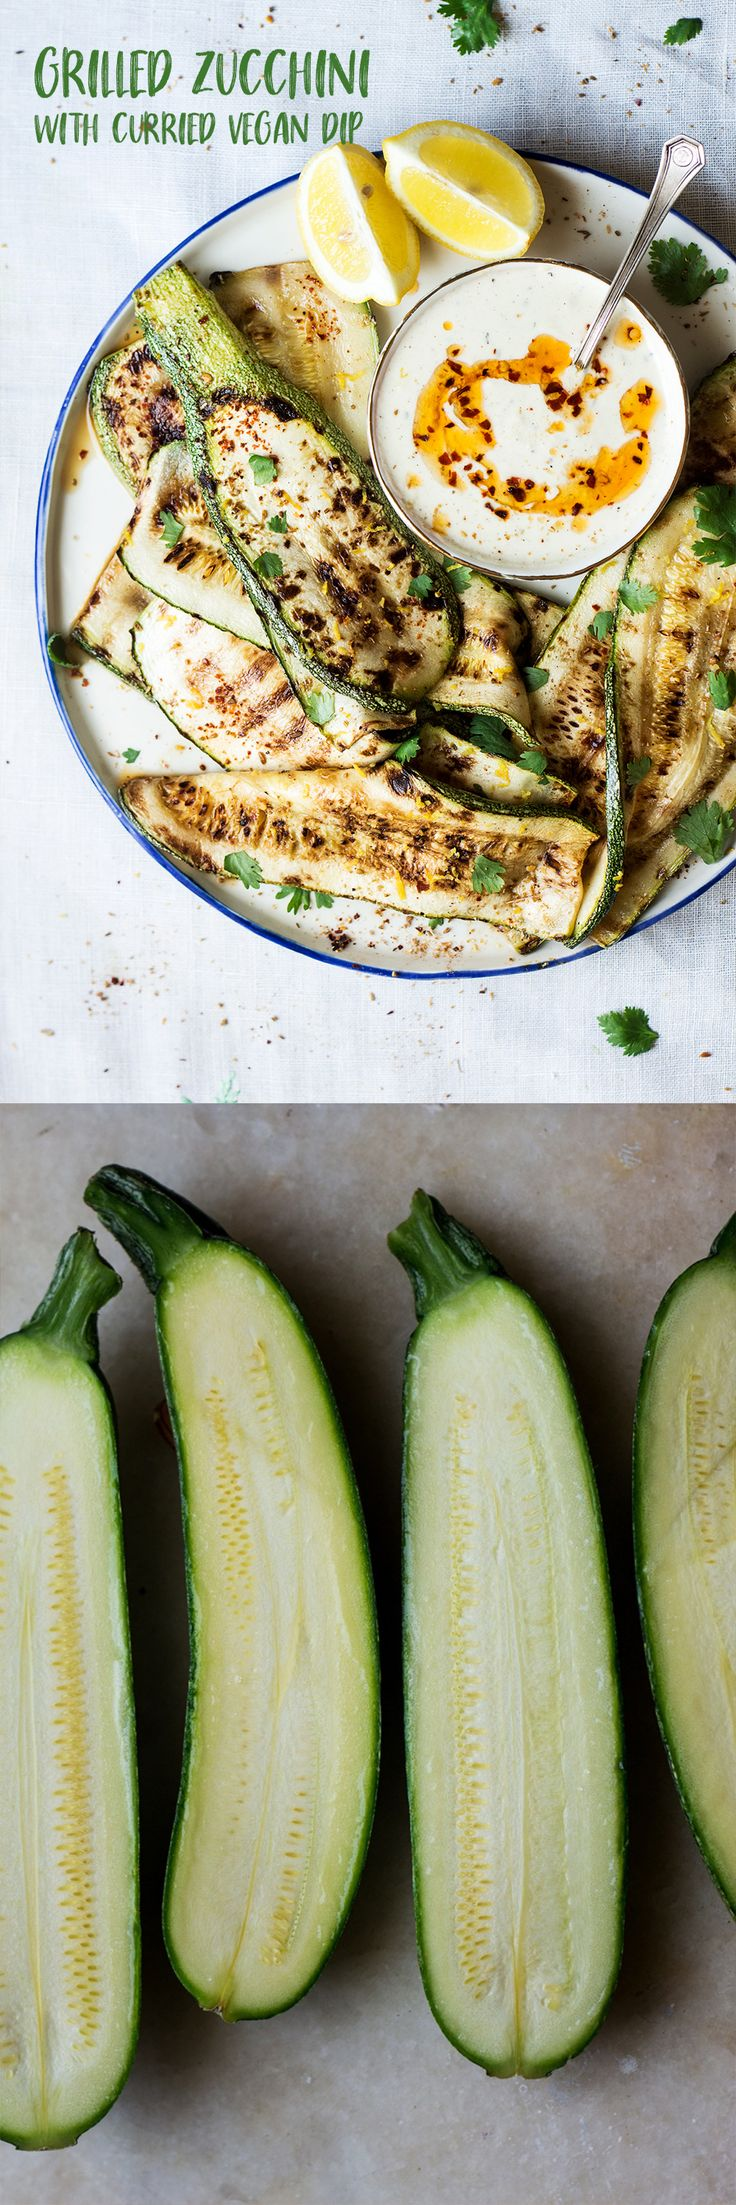 #zucchini #vegan #glutenfree #cashews #cashew #dip #curried #grilled #summer #bbq #vegetarian